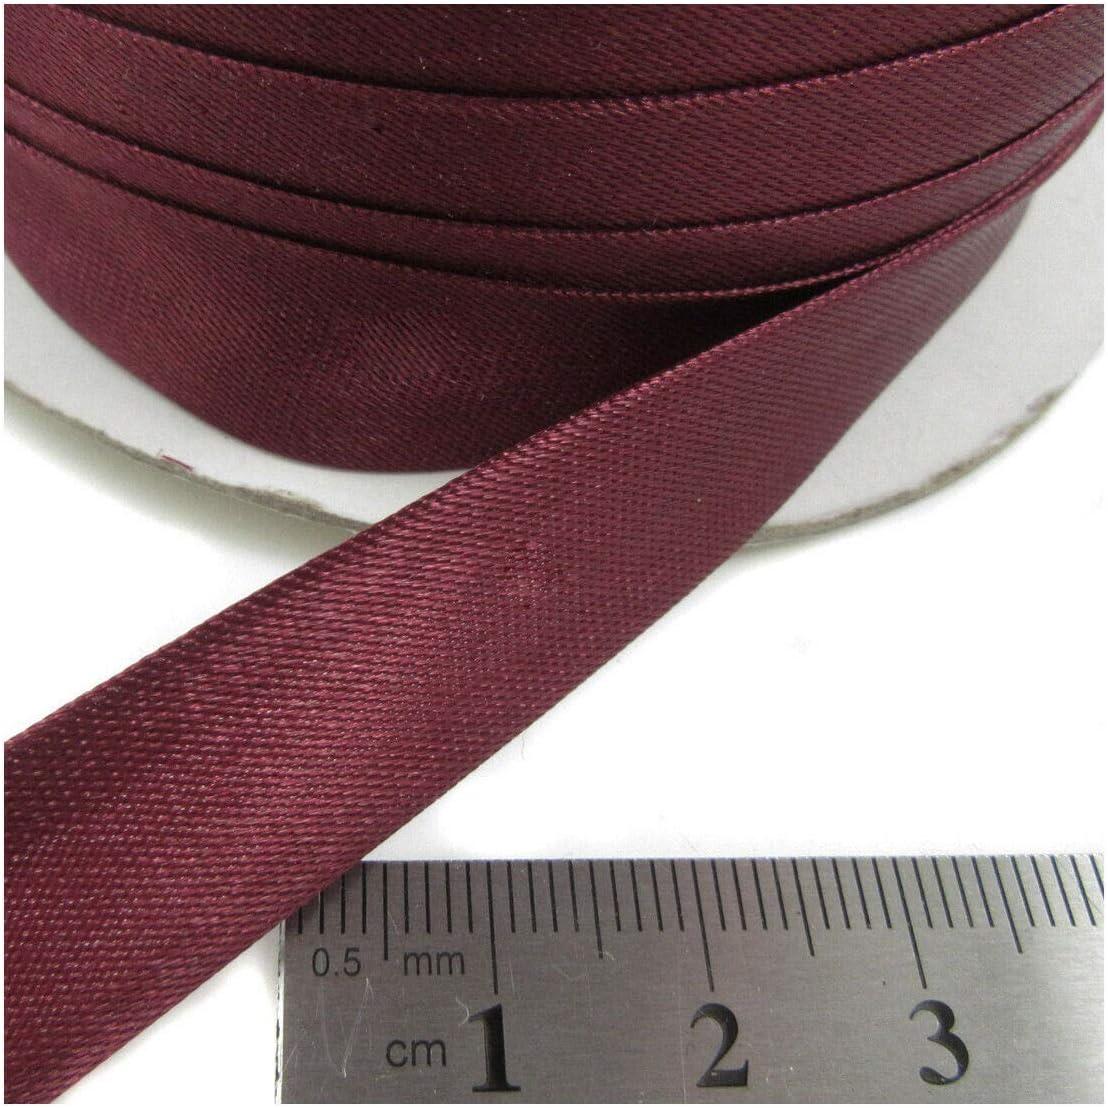 Burgundy 15mm Satin Mix BIAS Binding Colours 3m Folded Trimming Edging